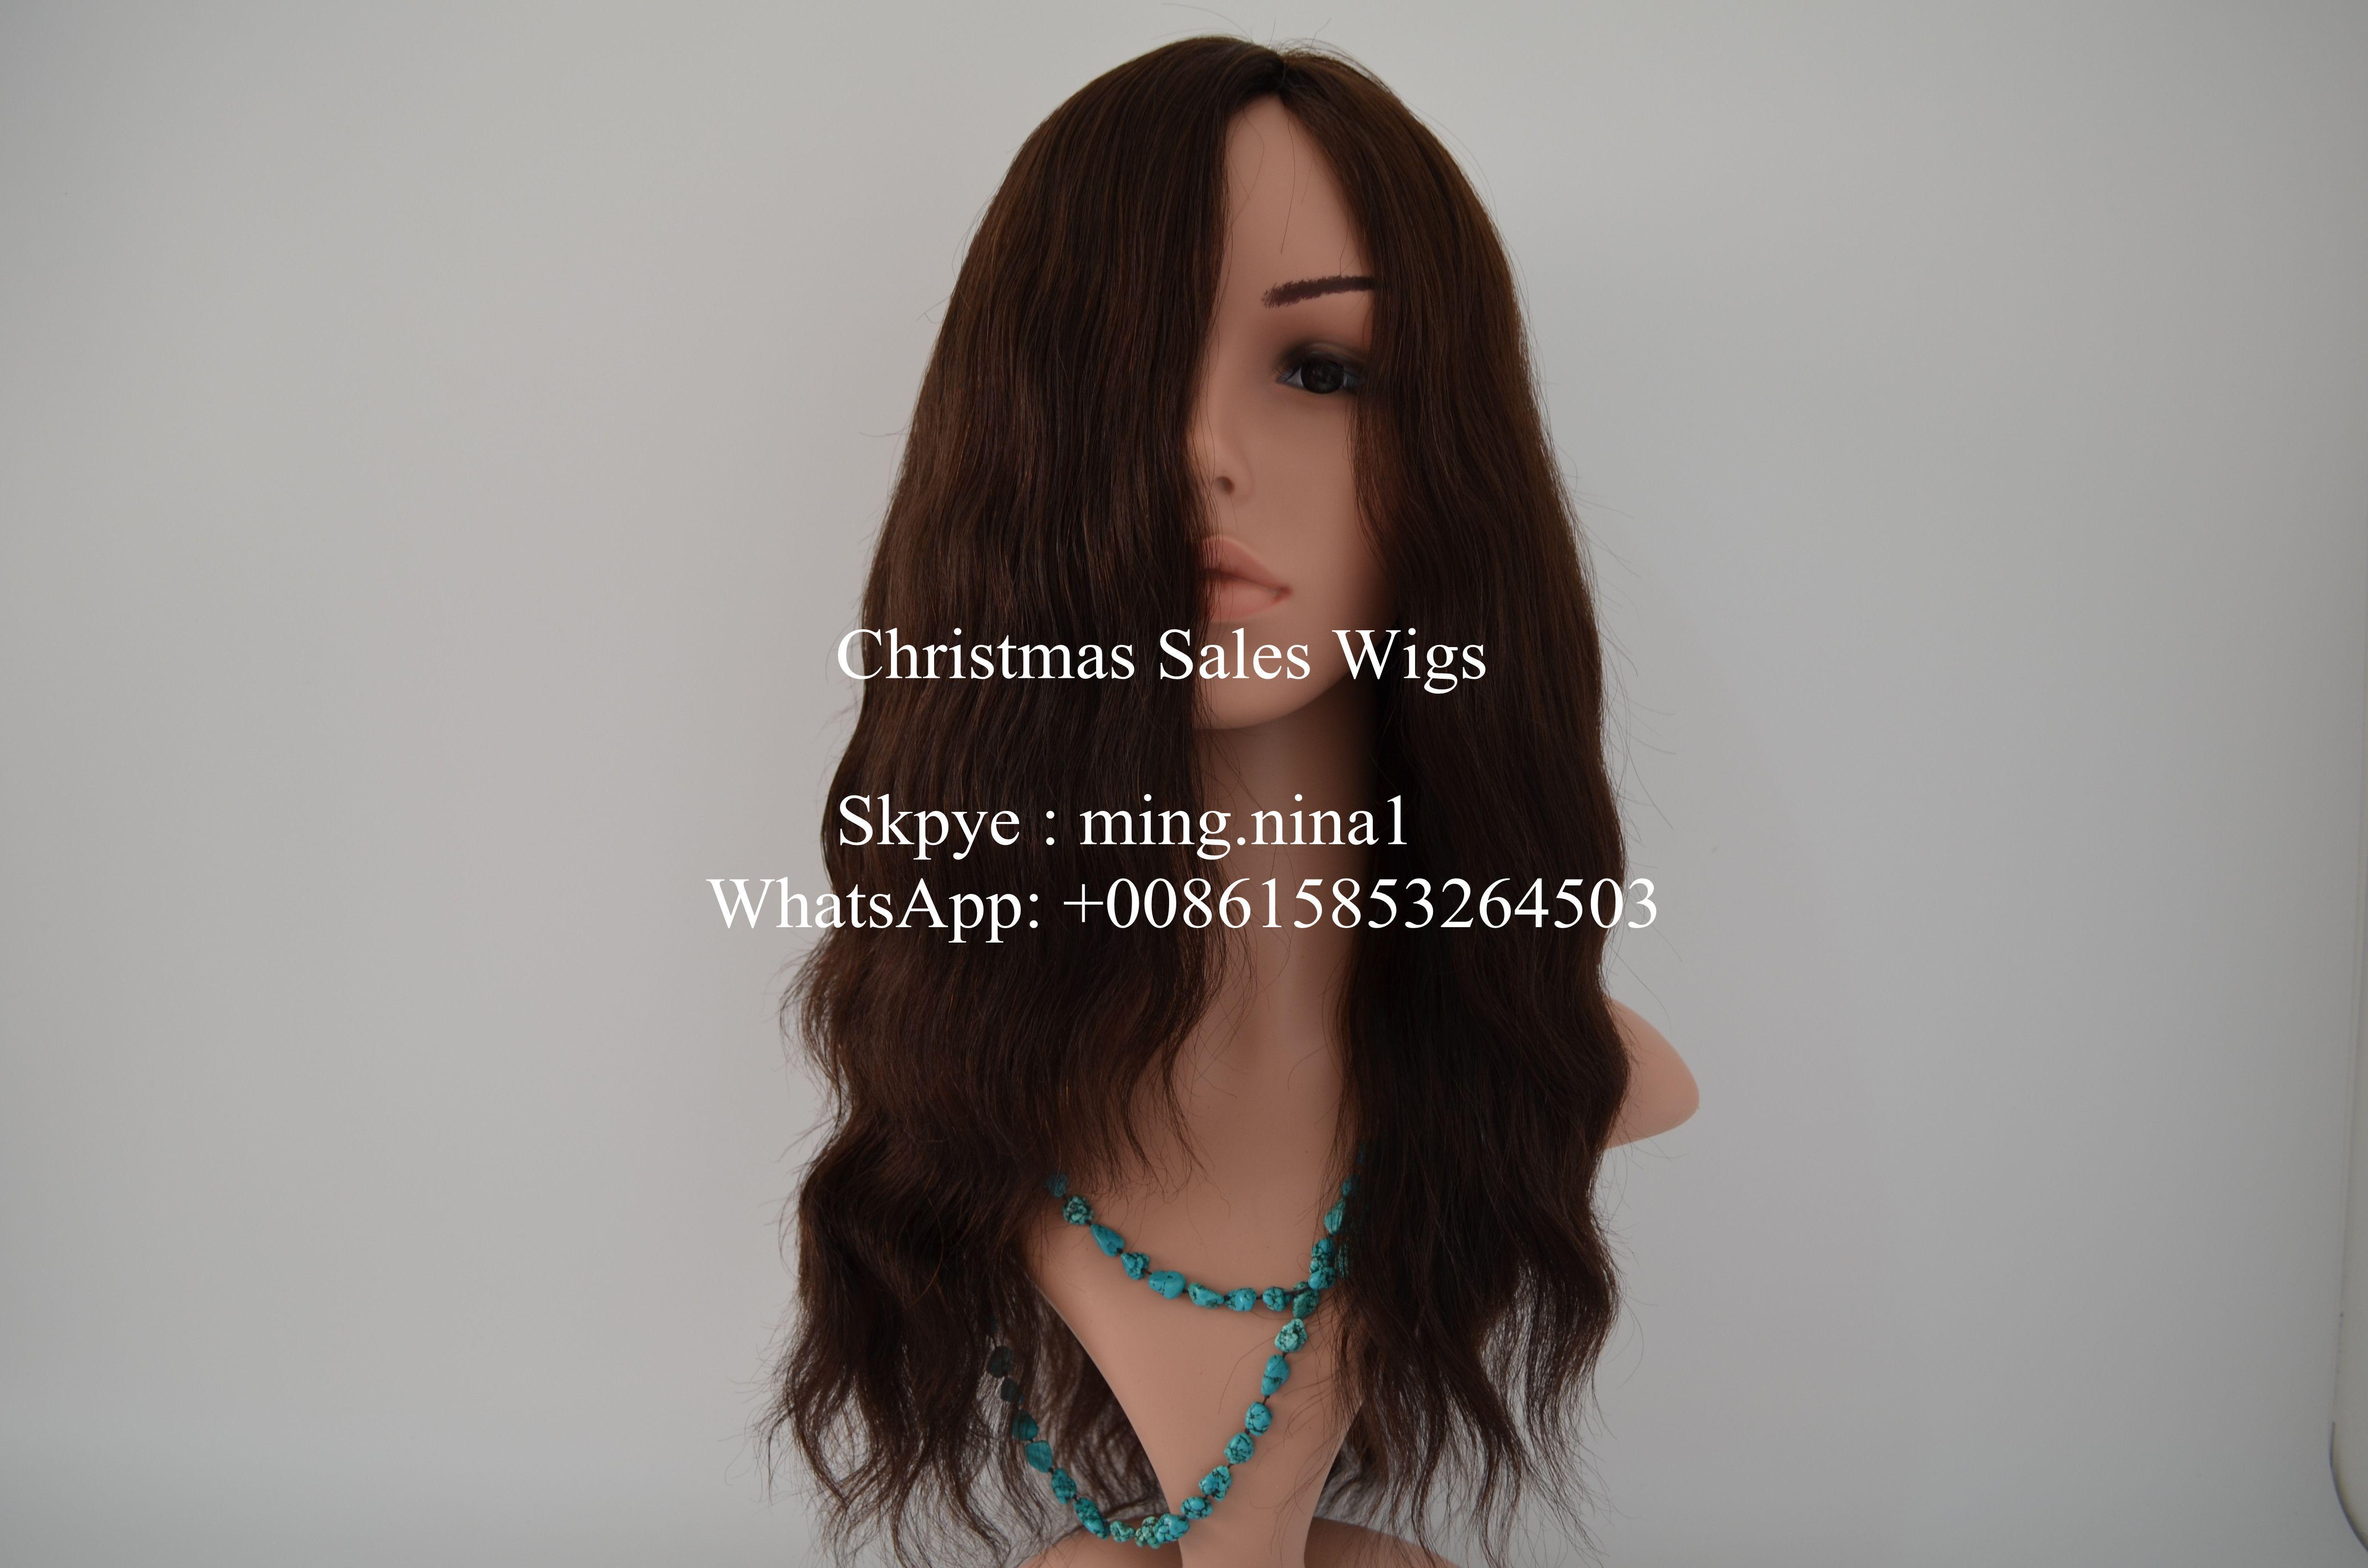 660b1af838c7f6402148e6fbd72a5310